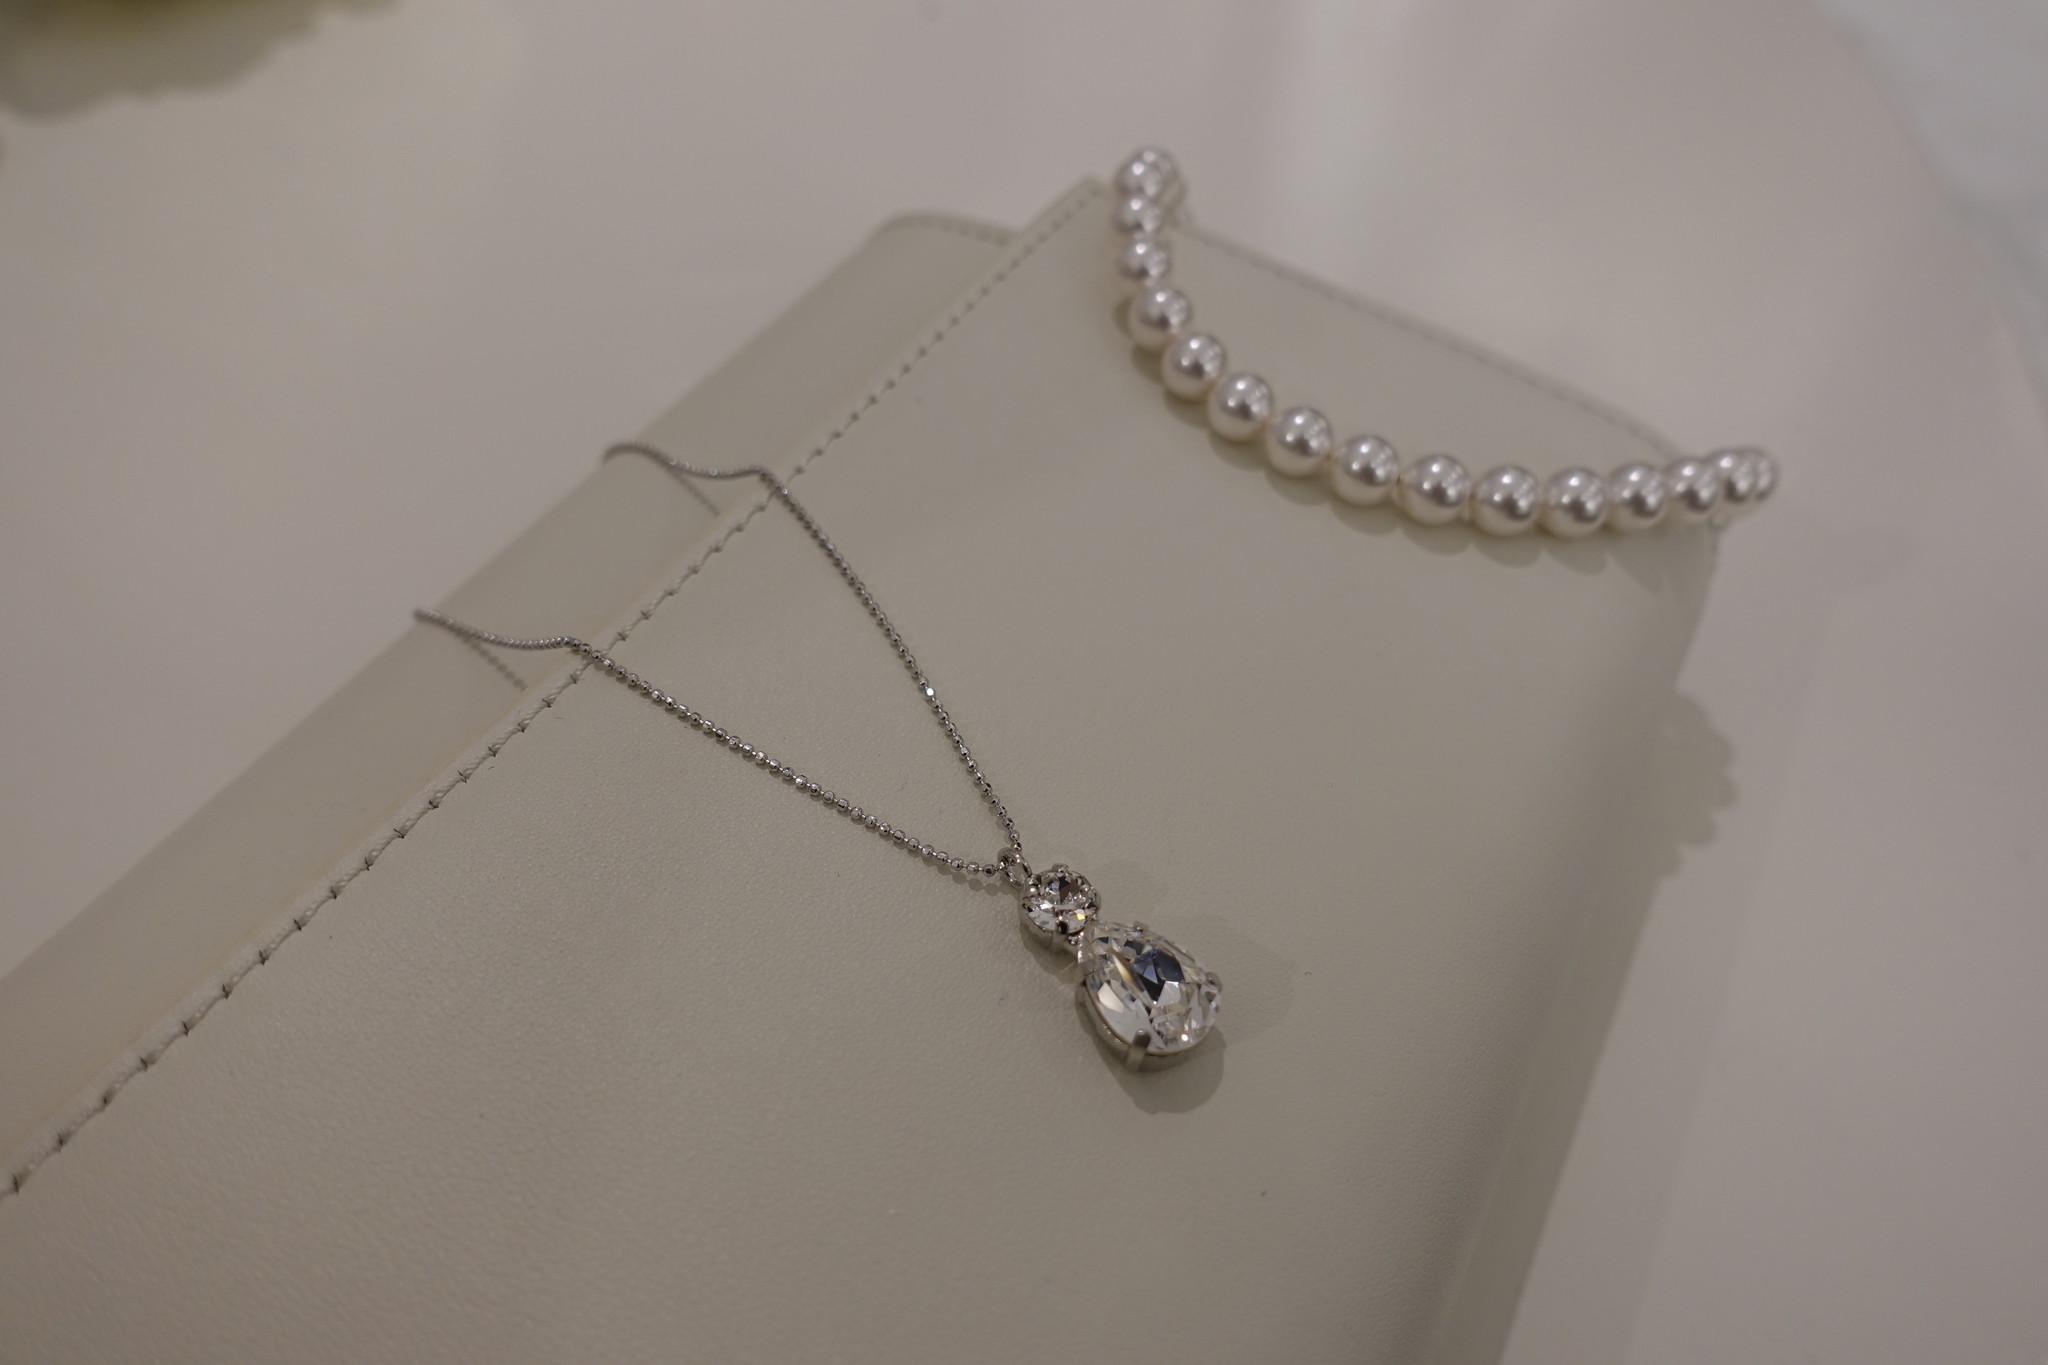 Ketting met diamanten hanger in zilver-1